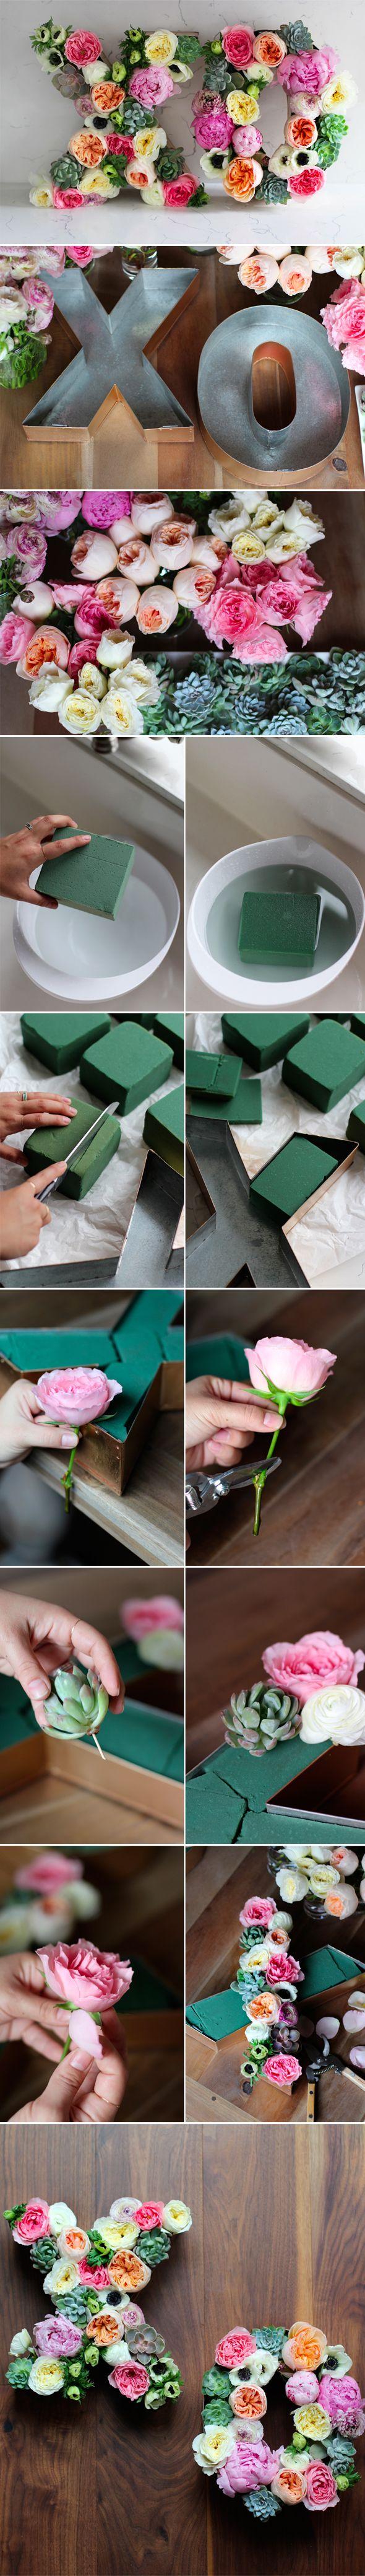 Minha irmã Suzy me enviou essa inspiração de DIY há alguns dias atrás, e eu não poderia deixar de compartilhar com vocês! Preparem-se por que é muuuuito lindo e muito fácil gente:) Que tal criar um...